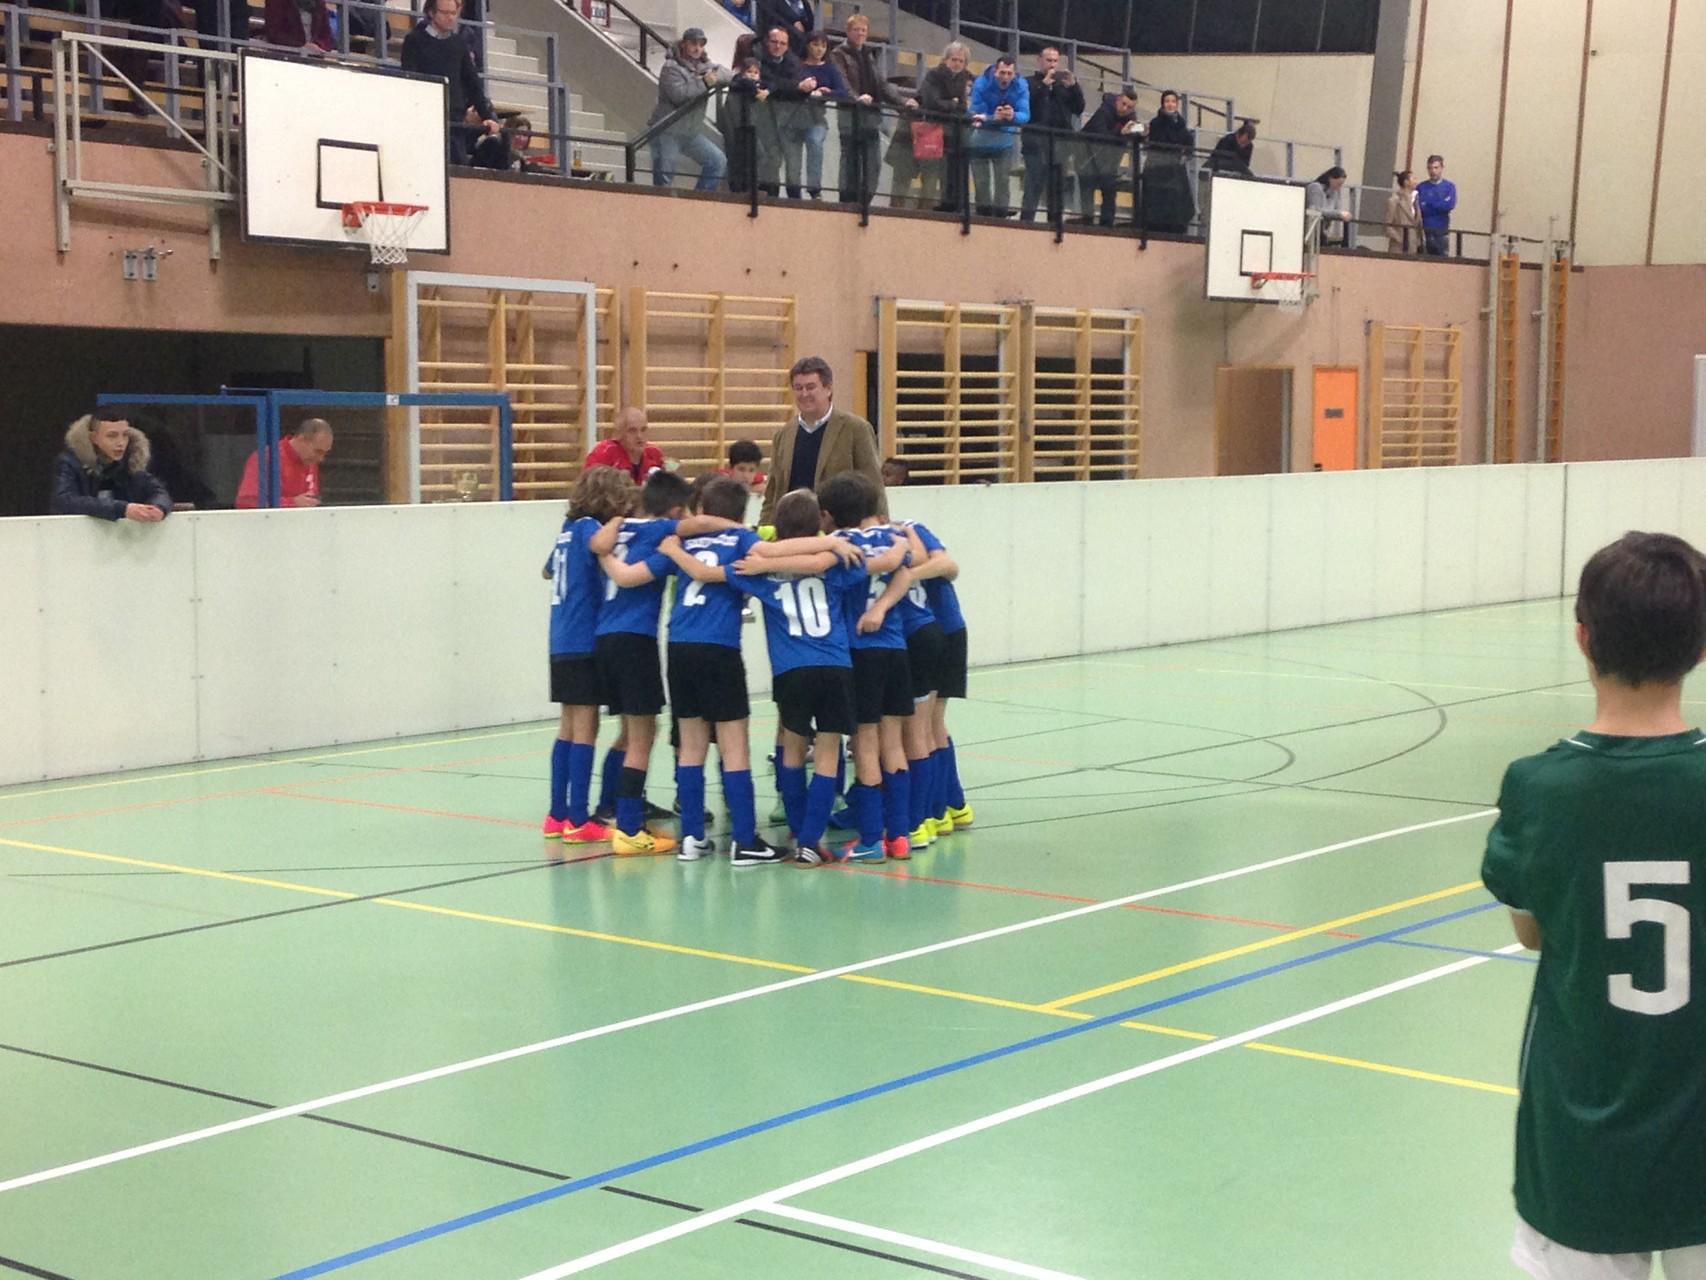 Hallenturnier FC 1980 Wien - 6. Platz